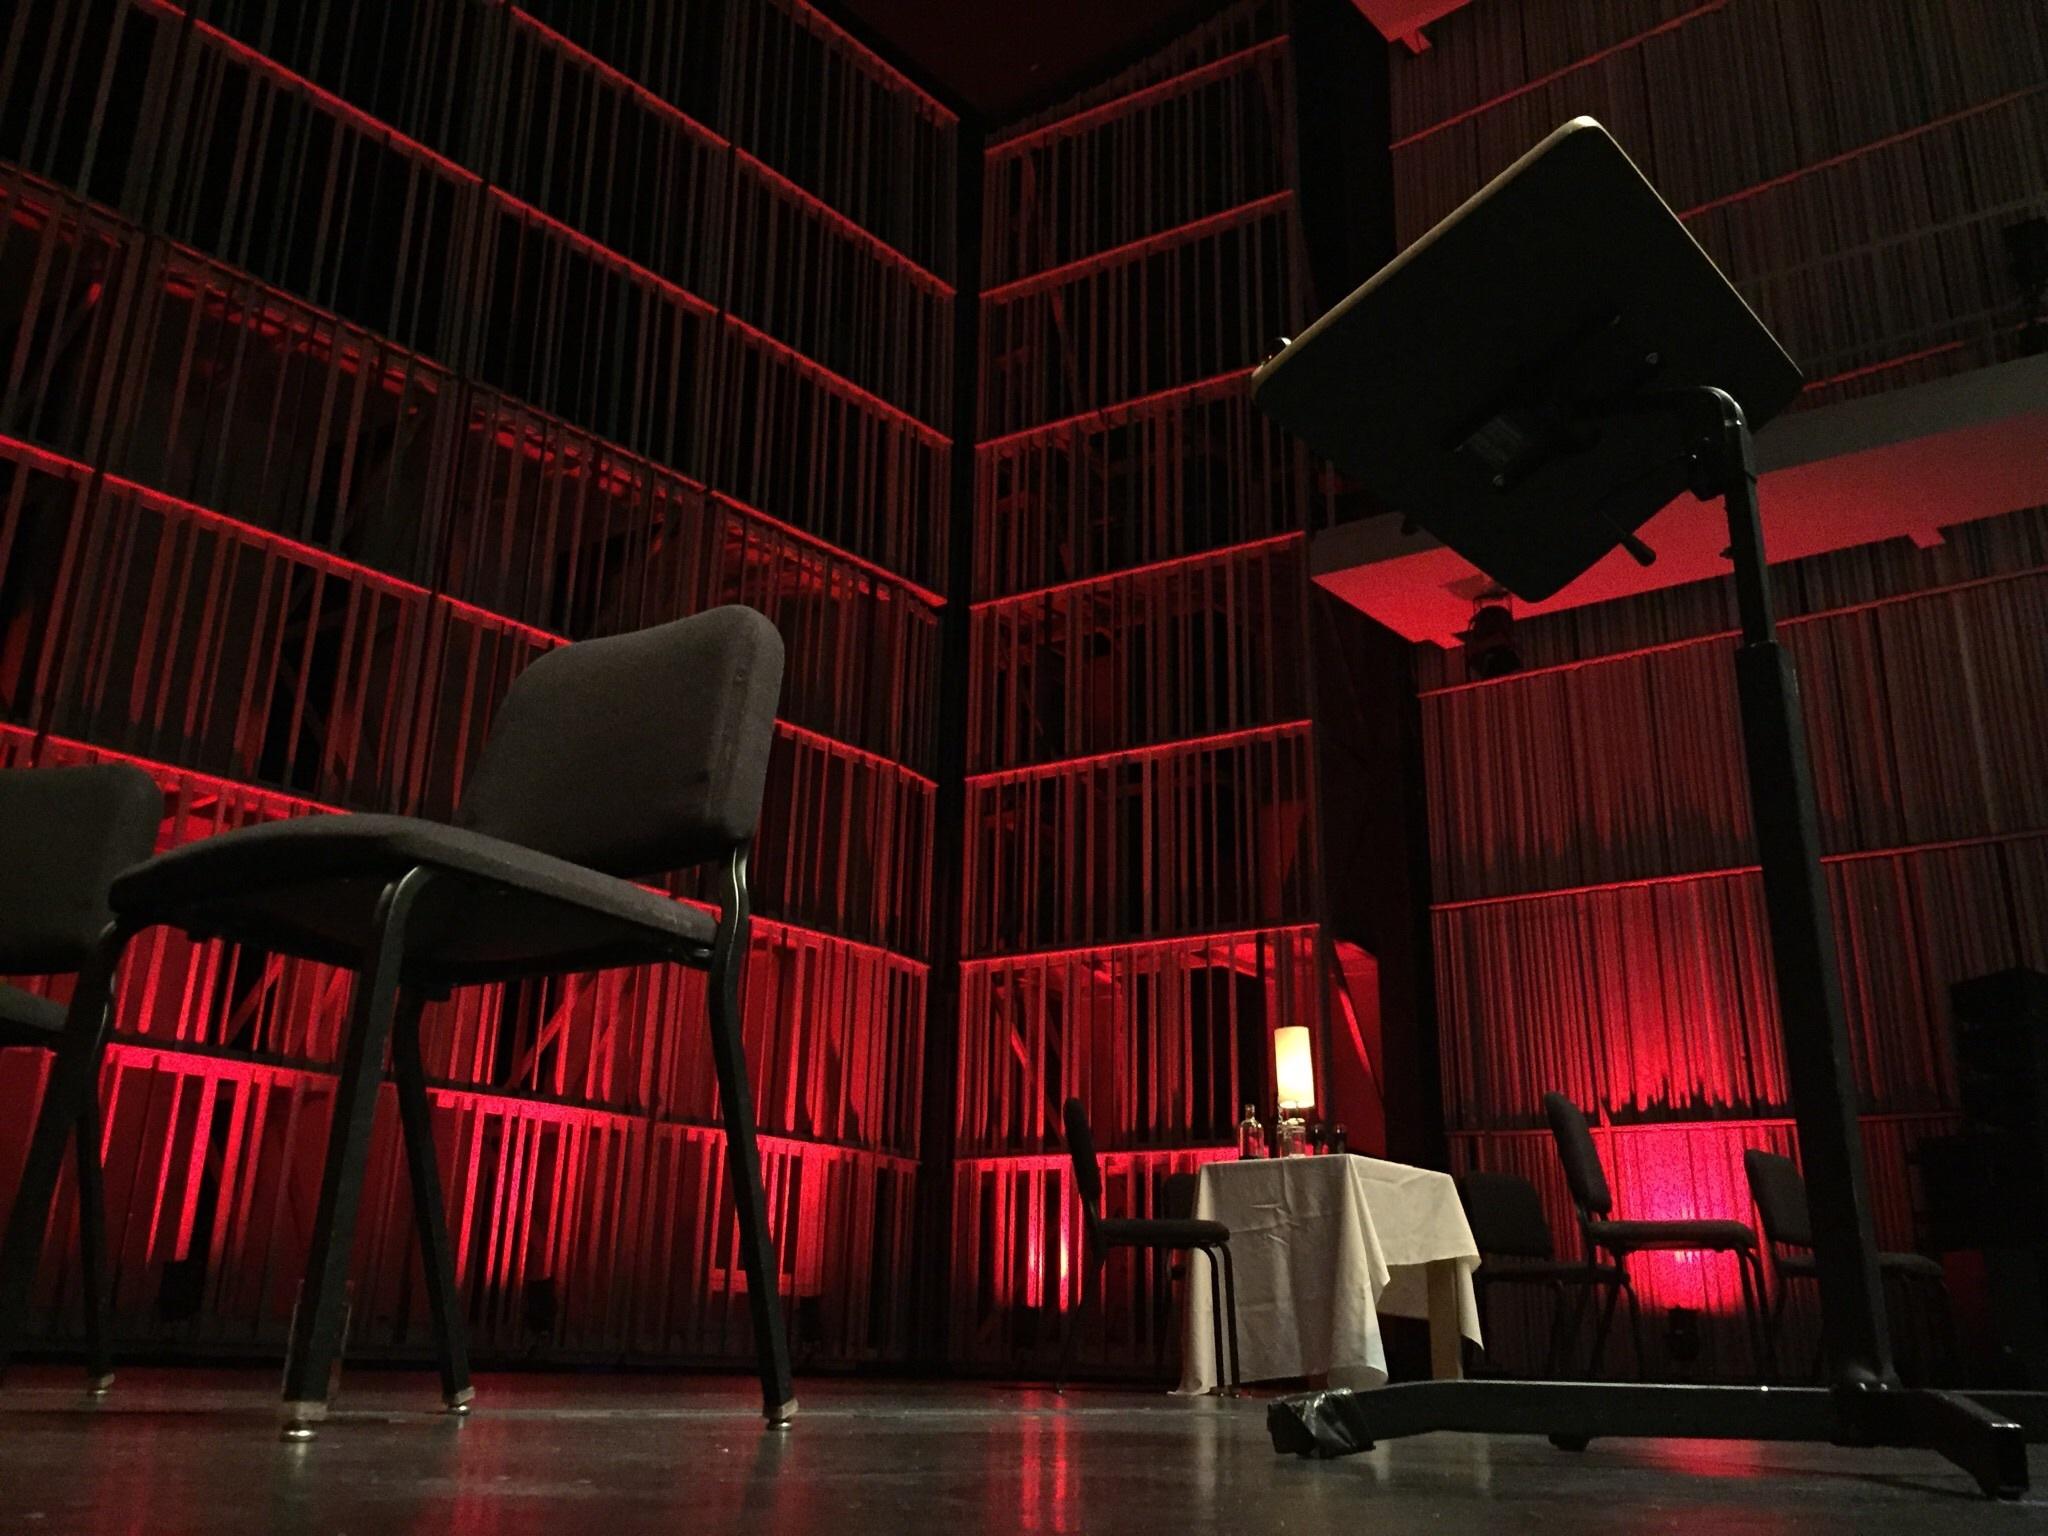 Neon De Decoration Interieur images gratuites : lumière, salle, obscurité, éclairage